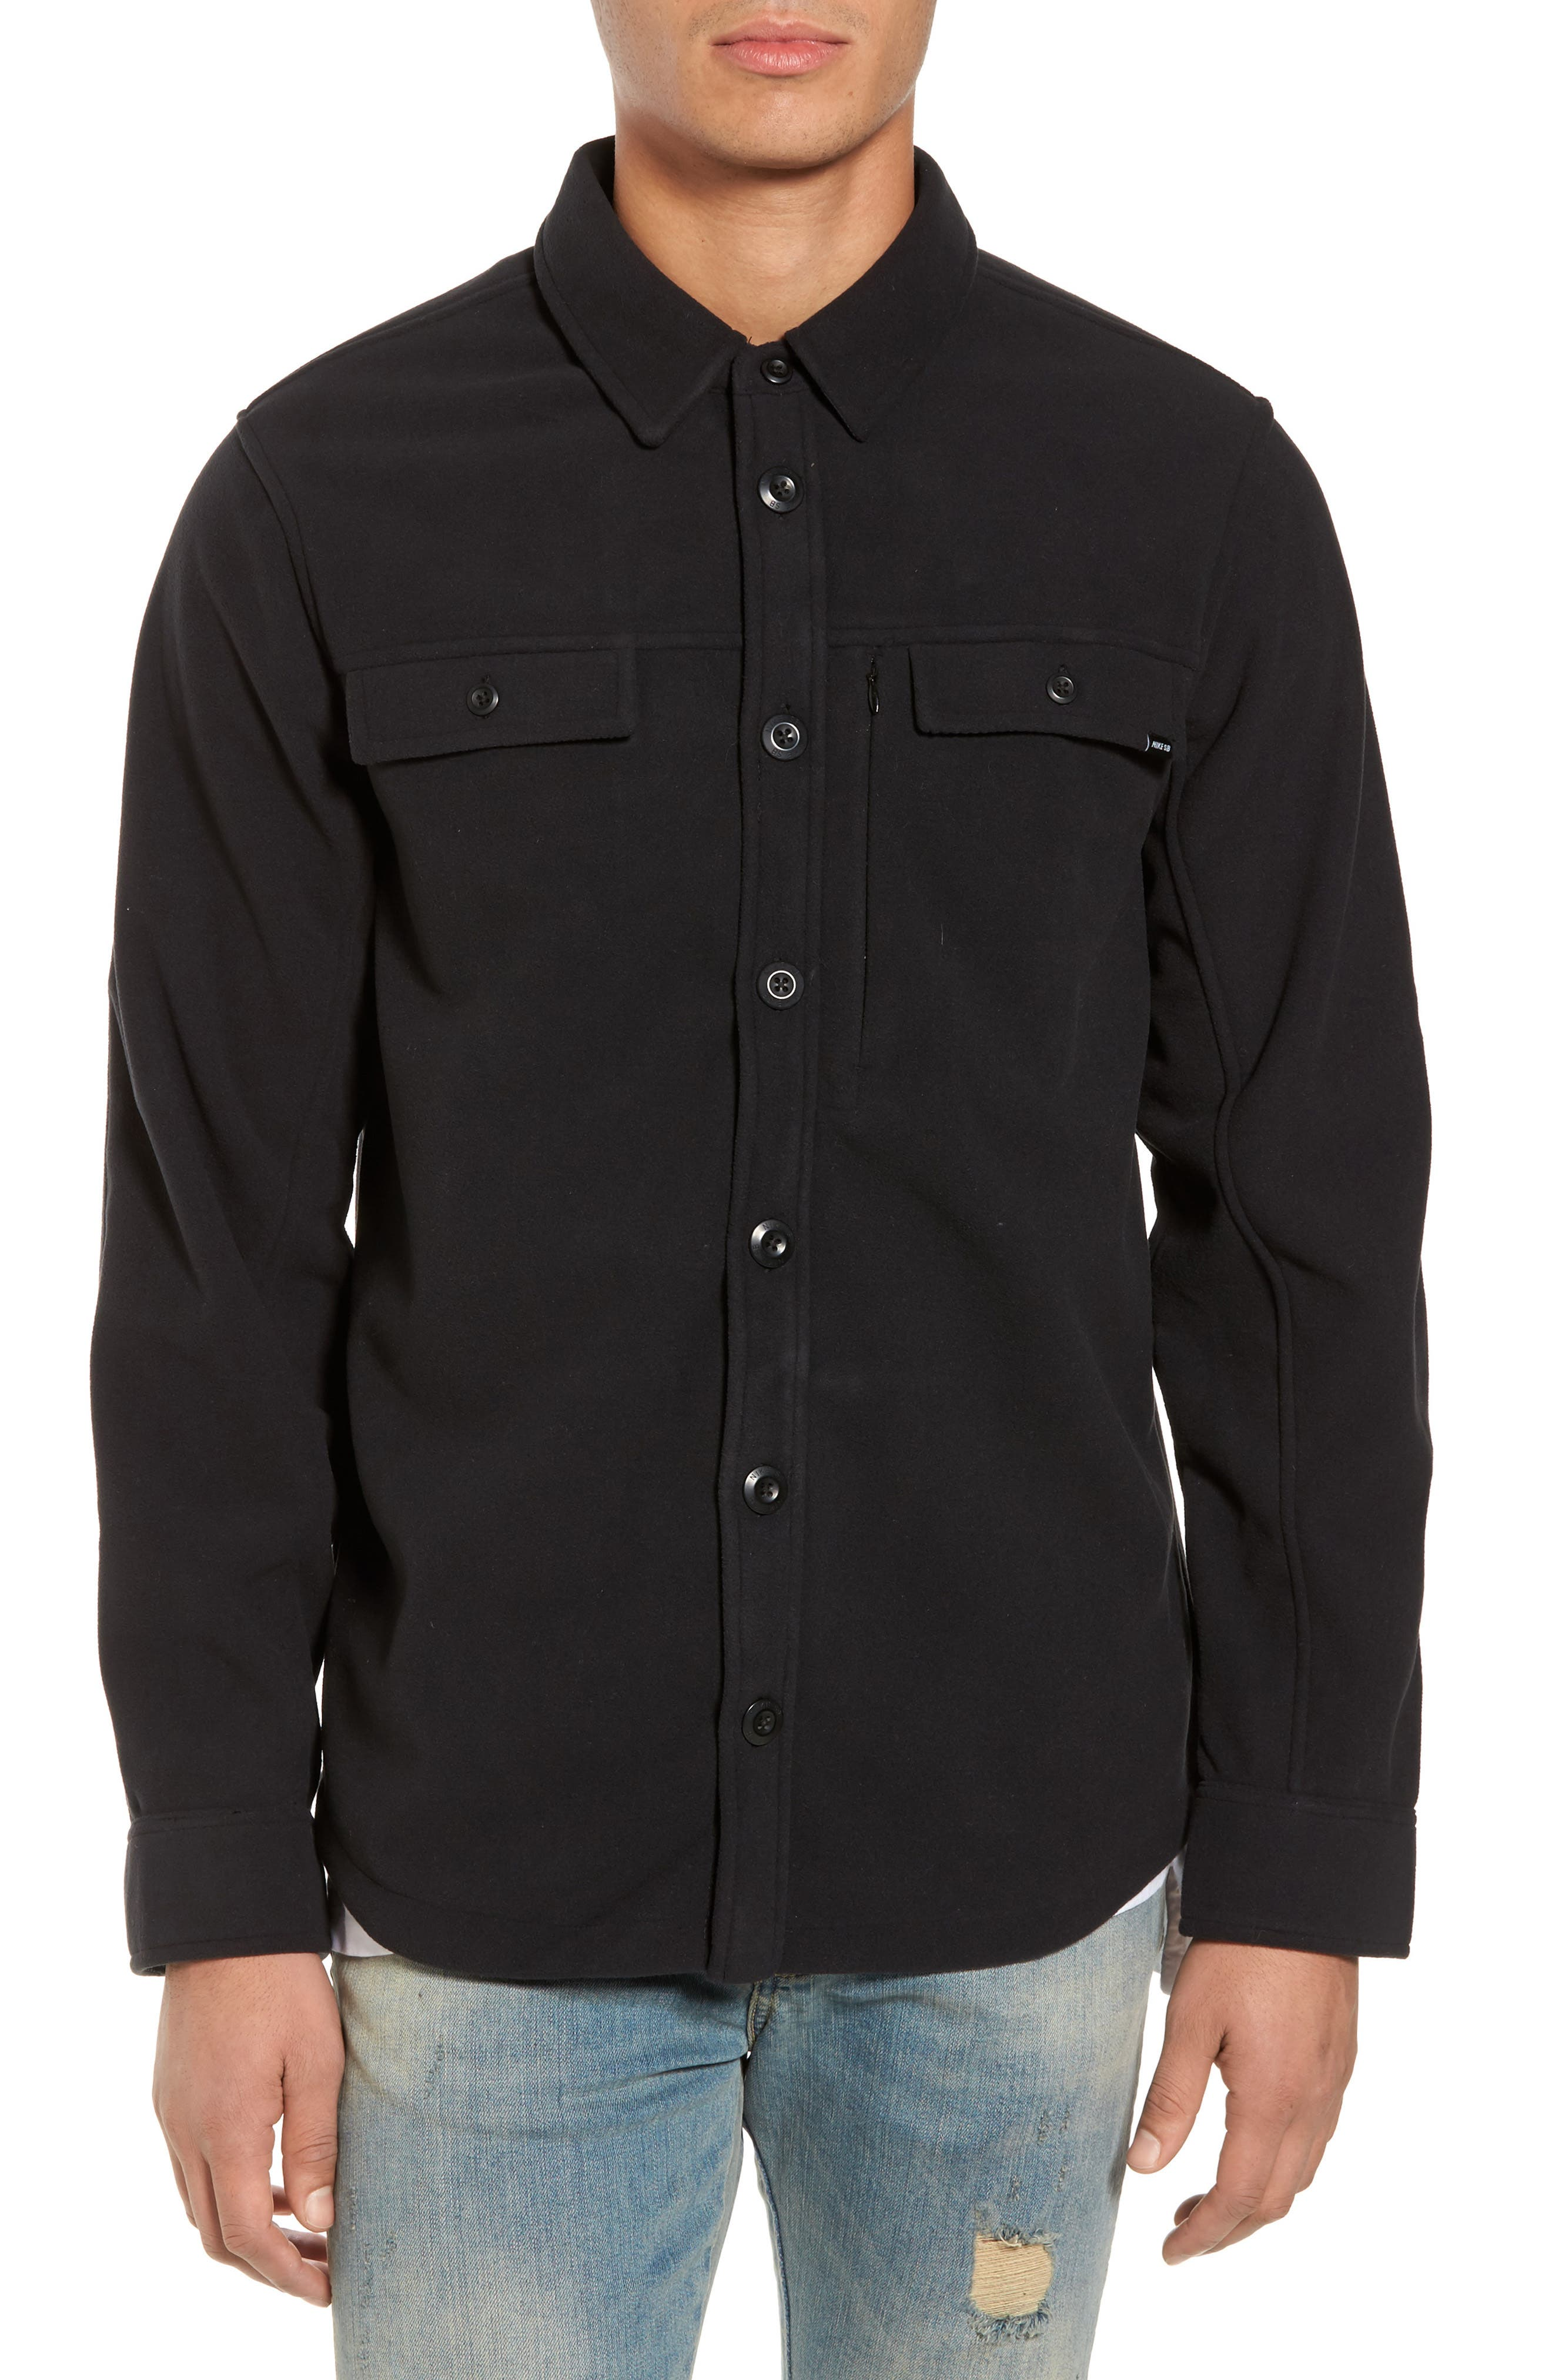 Holgate Windstopper Shirt,                         Main,                         color, Black